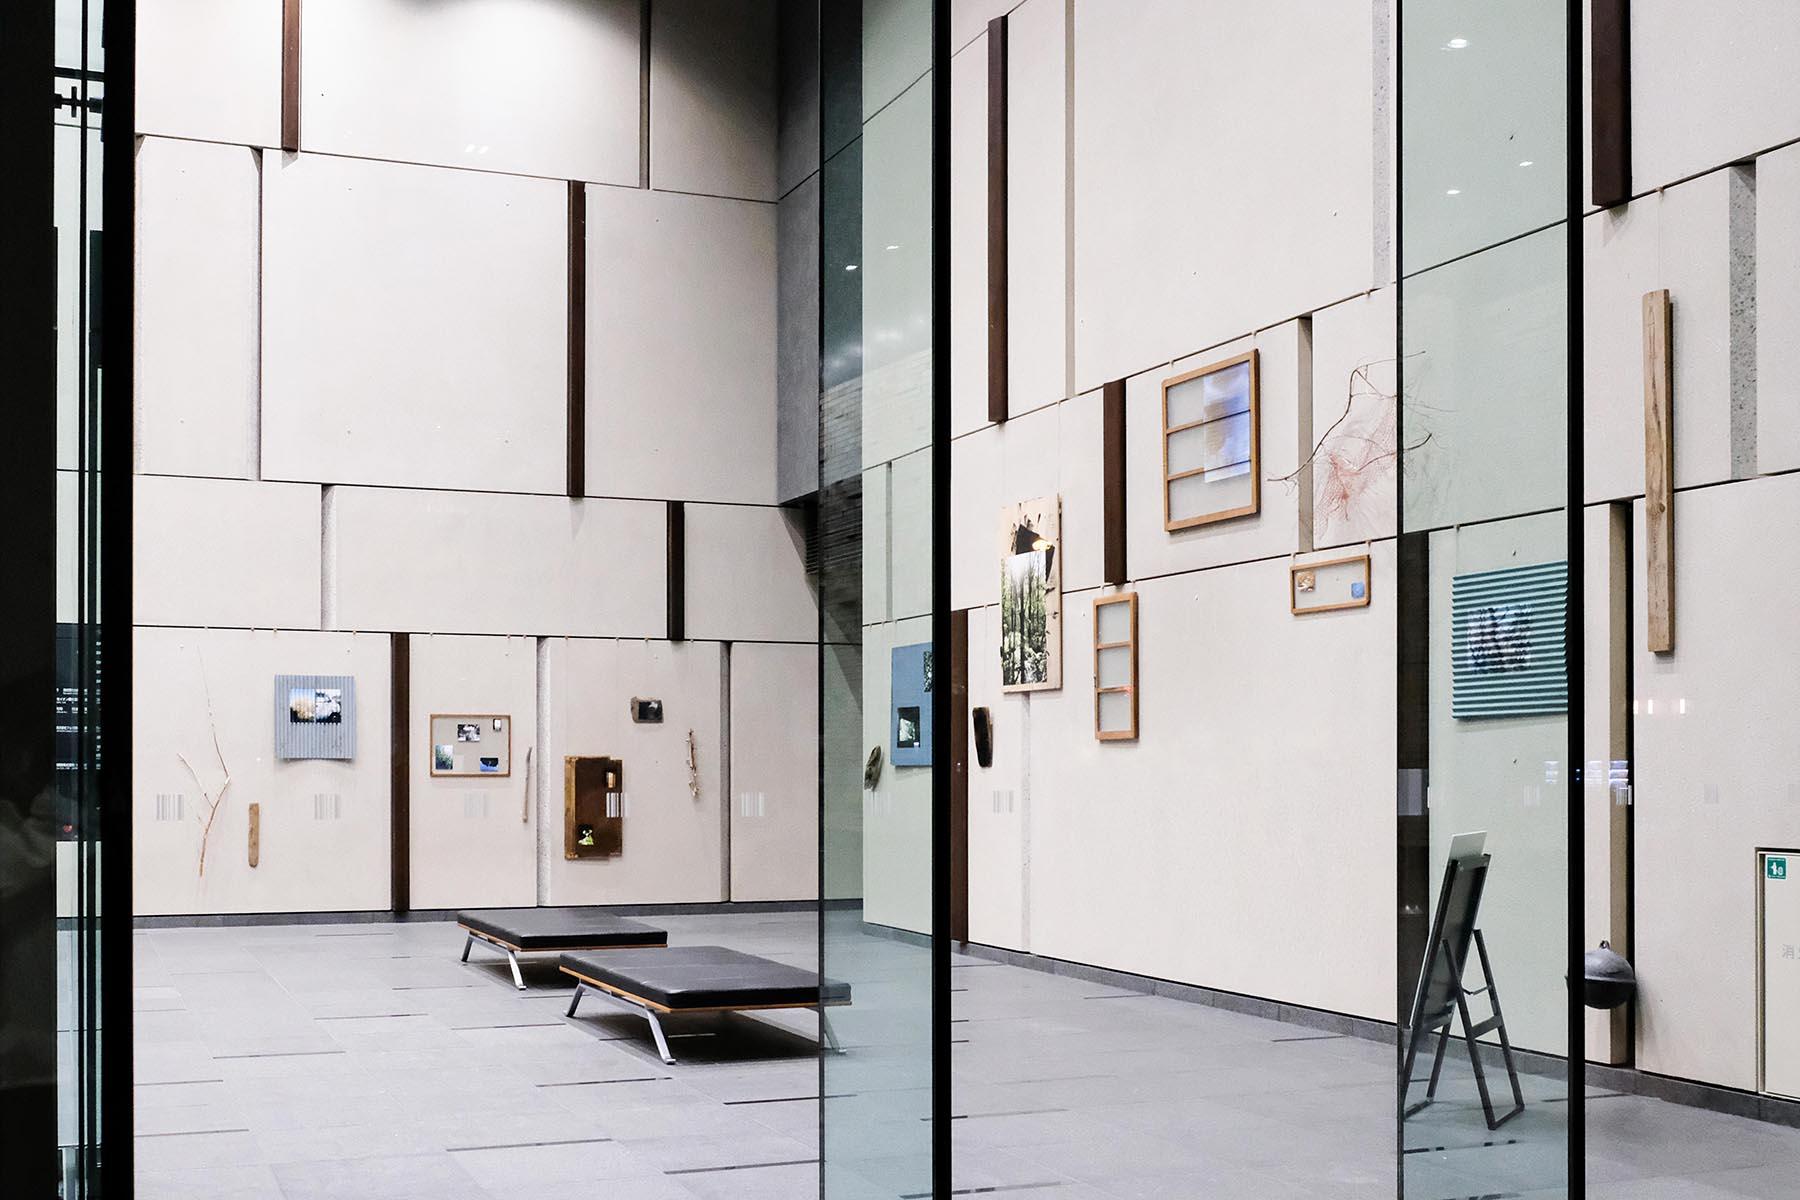 展示会場の写真。